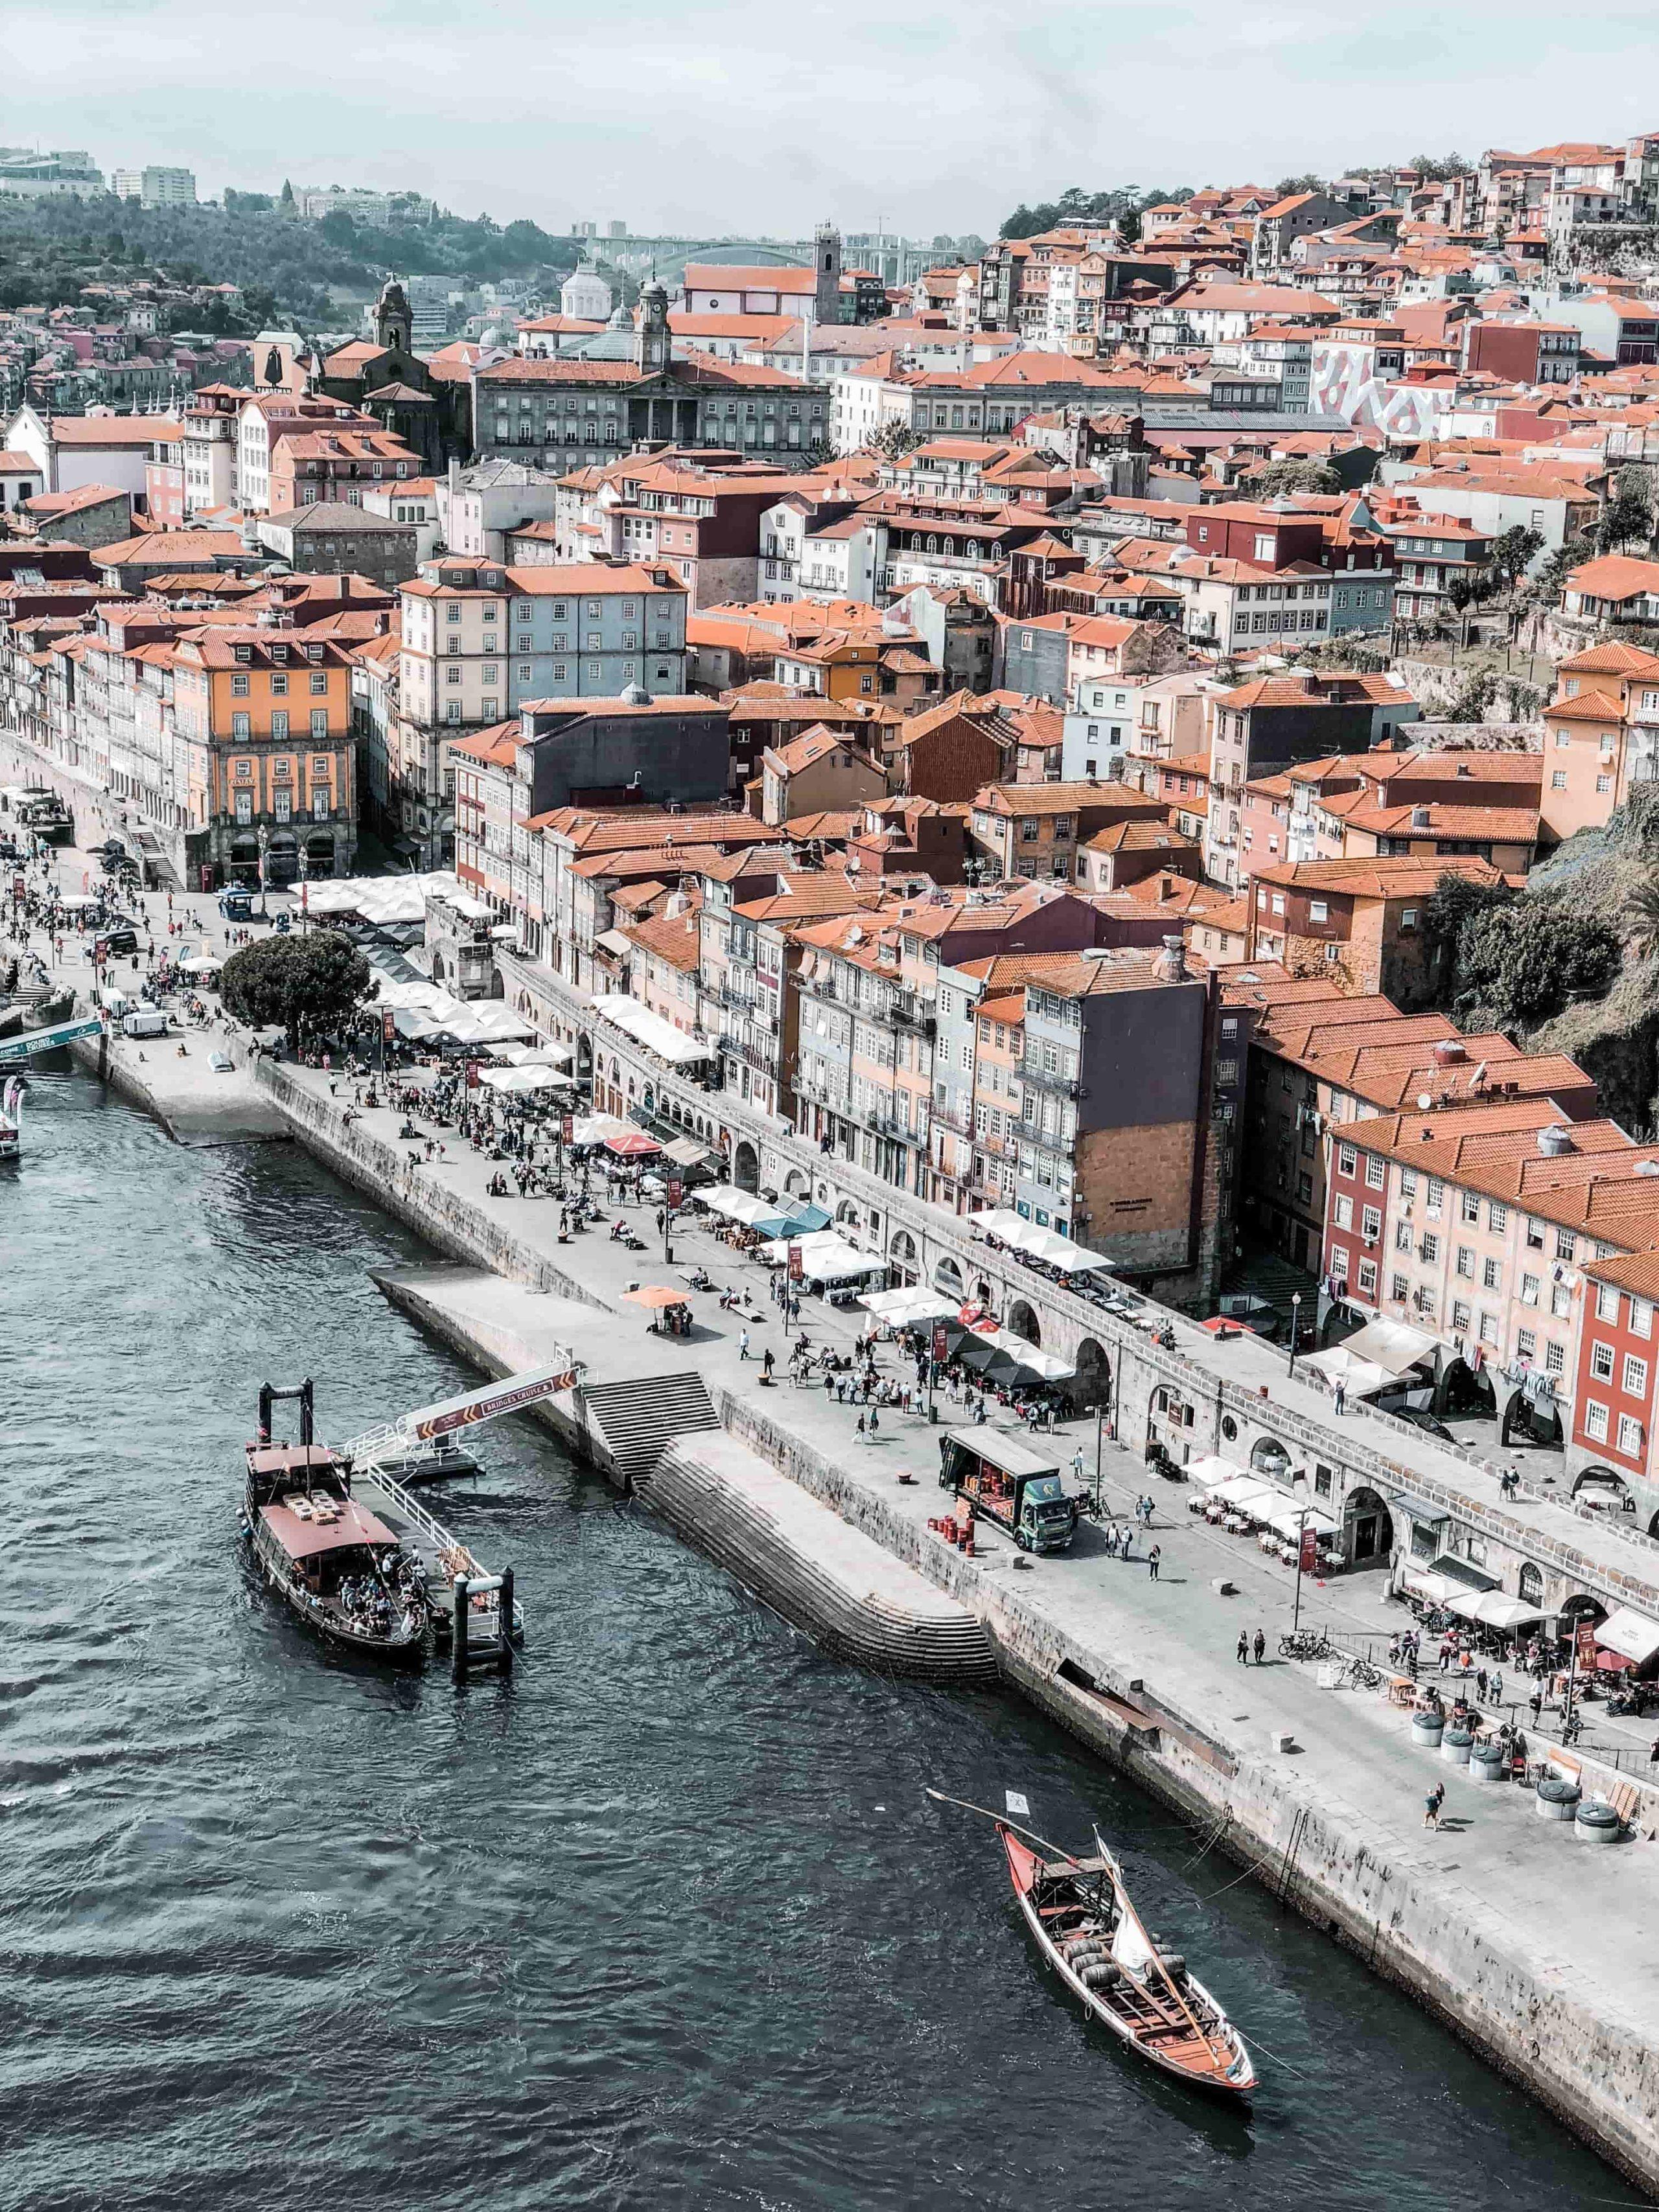 Städtereisen an Ostern, Tipps für Osterurlaub, Städtetrip an Ostern, Porto Ribeira, Altstadt, Douro Fluss